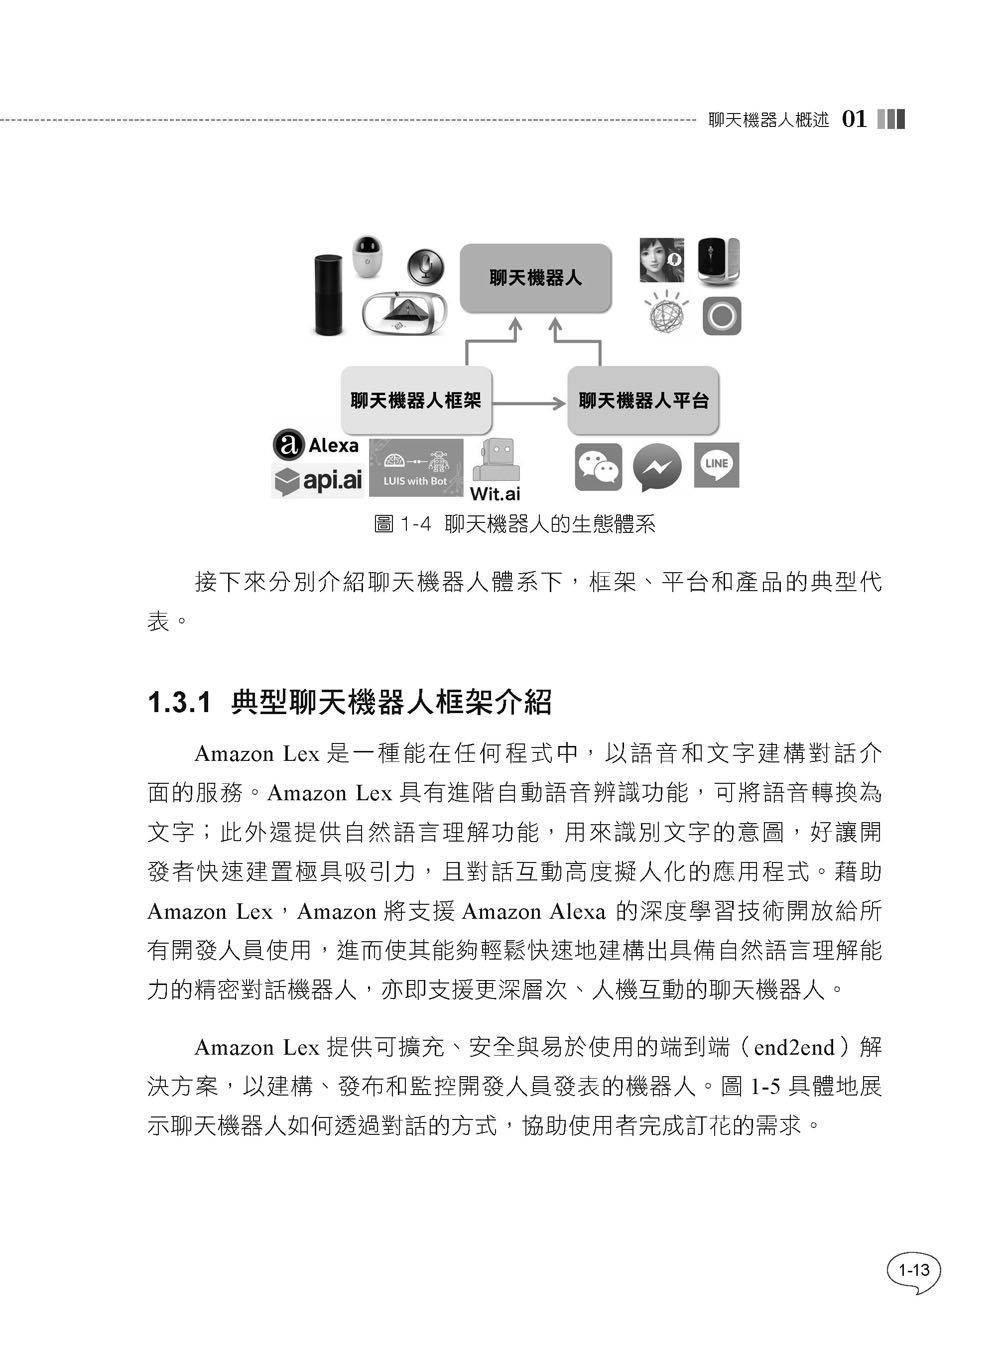 中文自然語言處理實戰:聊天機器人與深度學習整合應用-preview-4